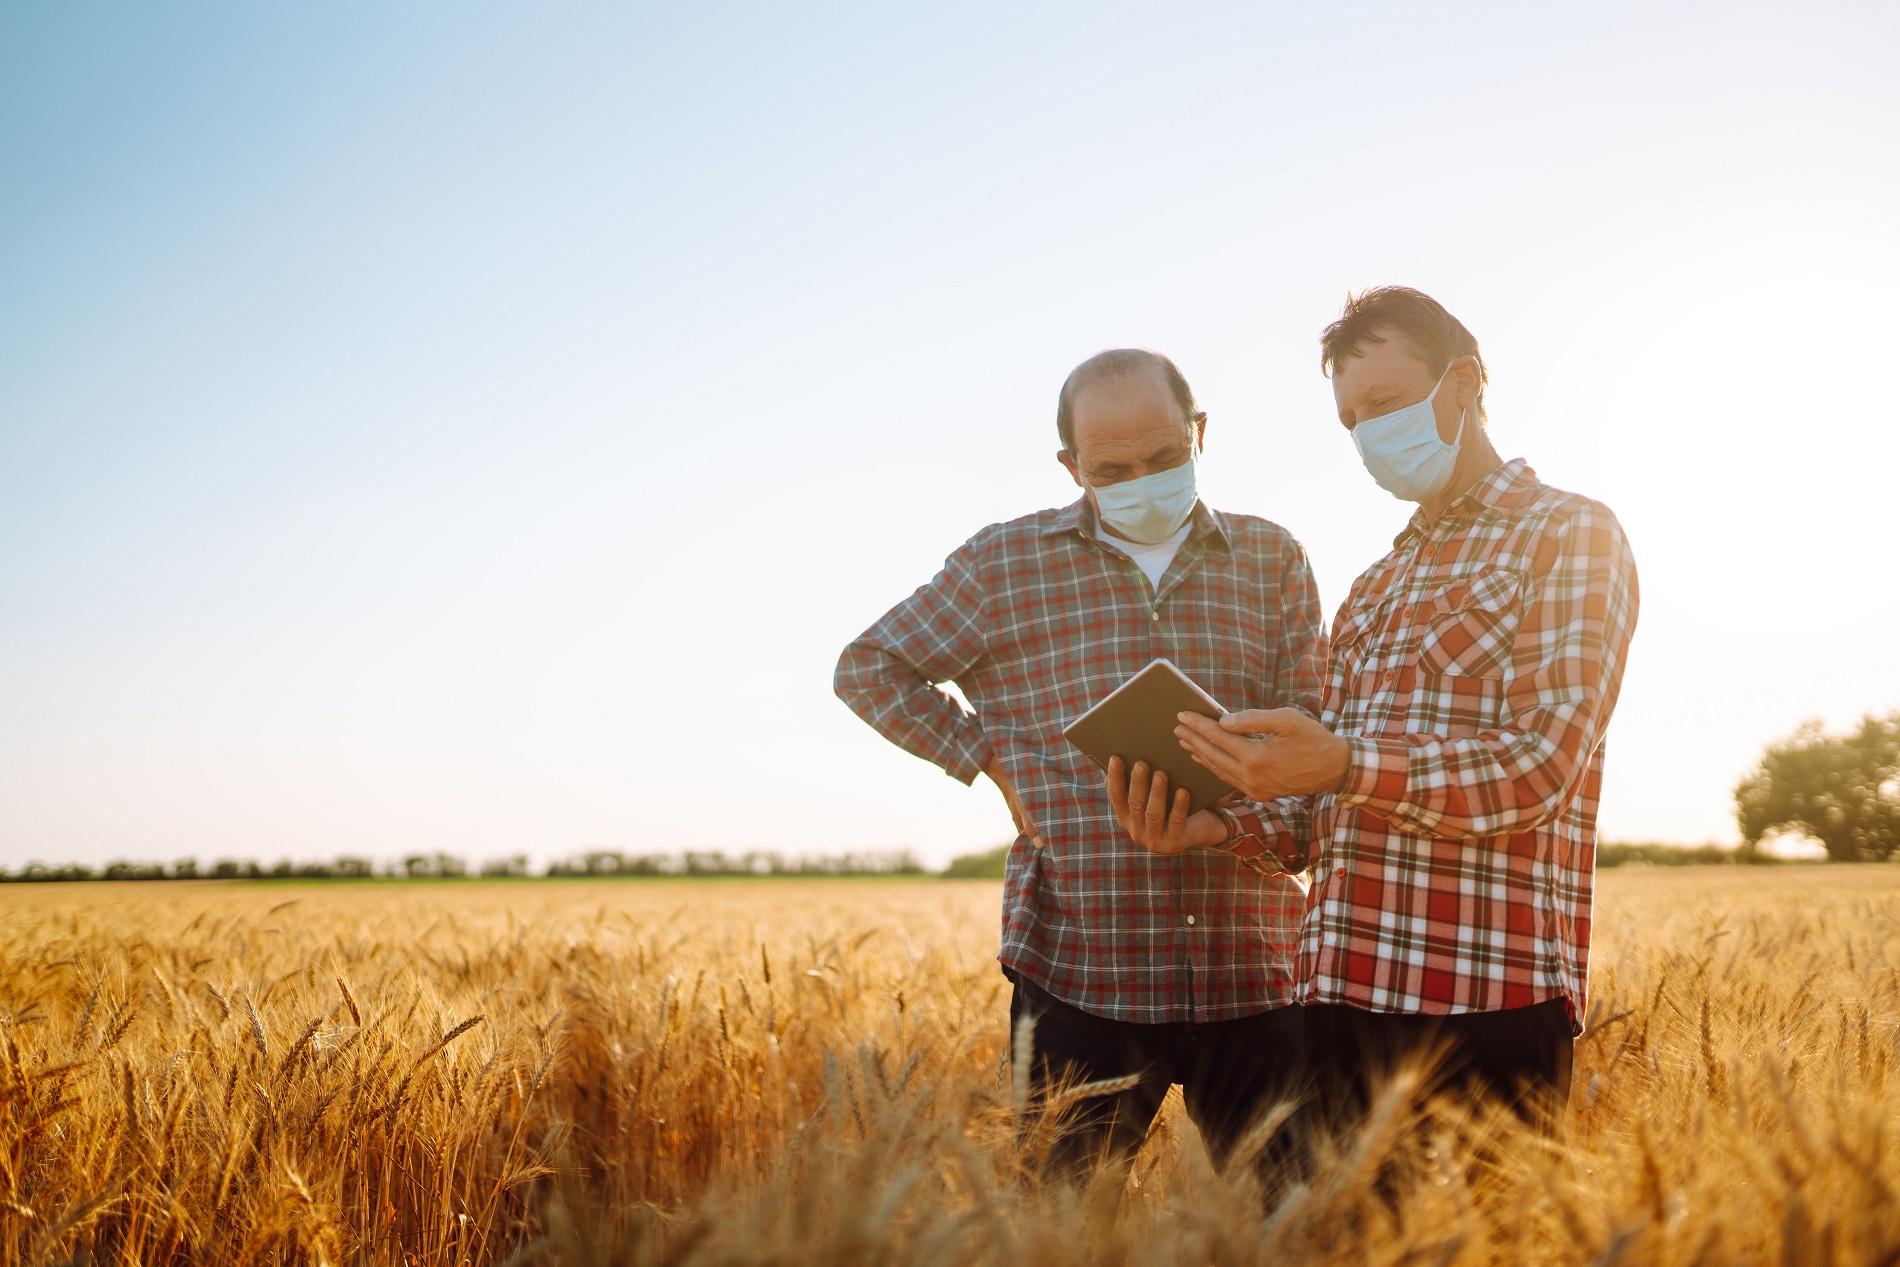 ¿Qué efectos directos está teniendo la pandemia de Covid-19 sobre la agricultura?